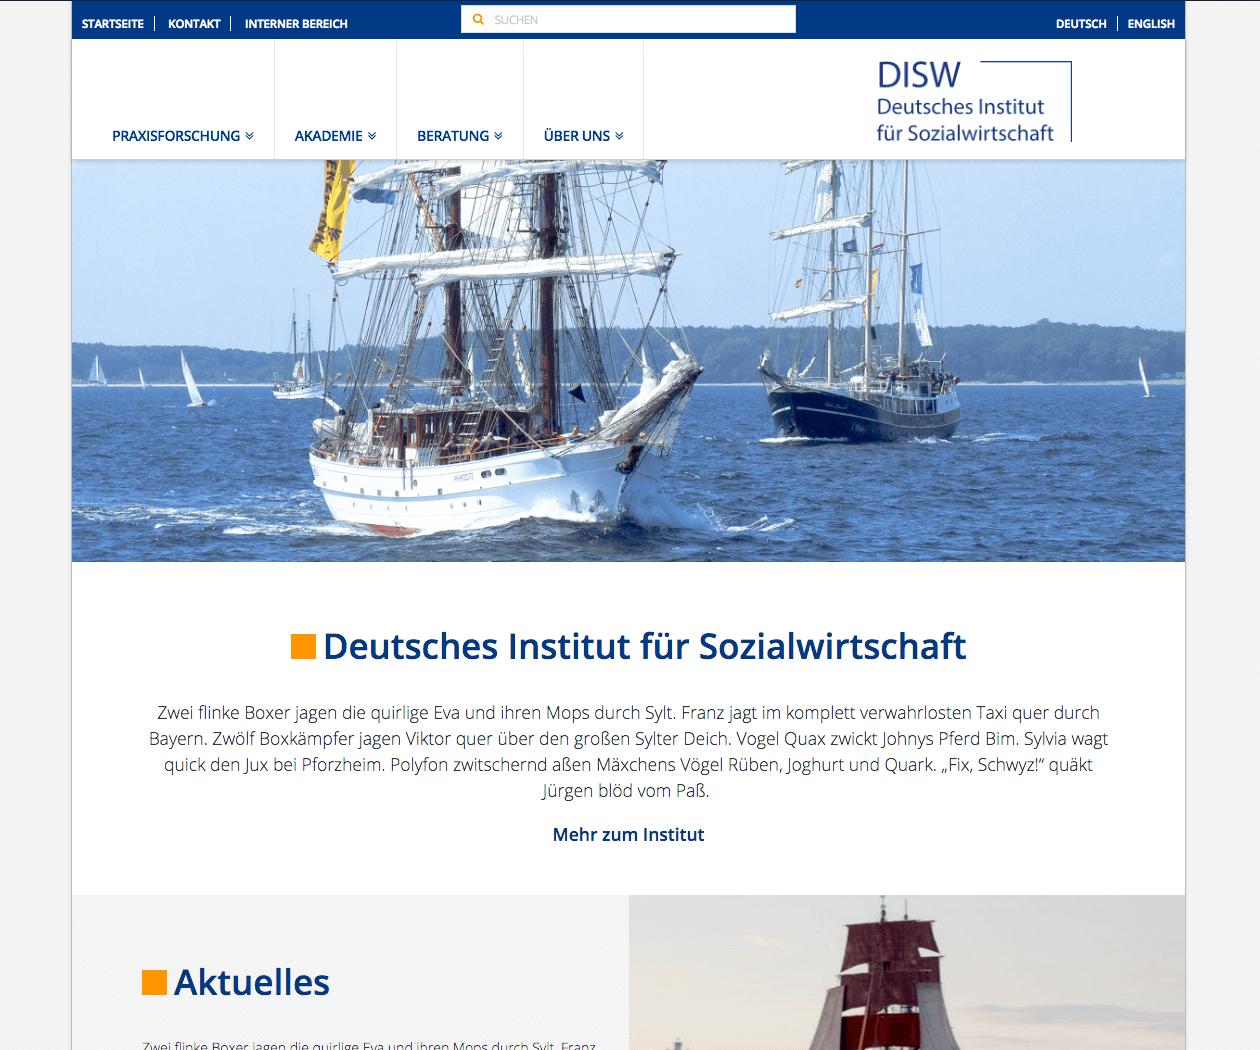 WordPress Entwicklung und Design für DISW Deutsches Institut für Sozialwirtschaft